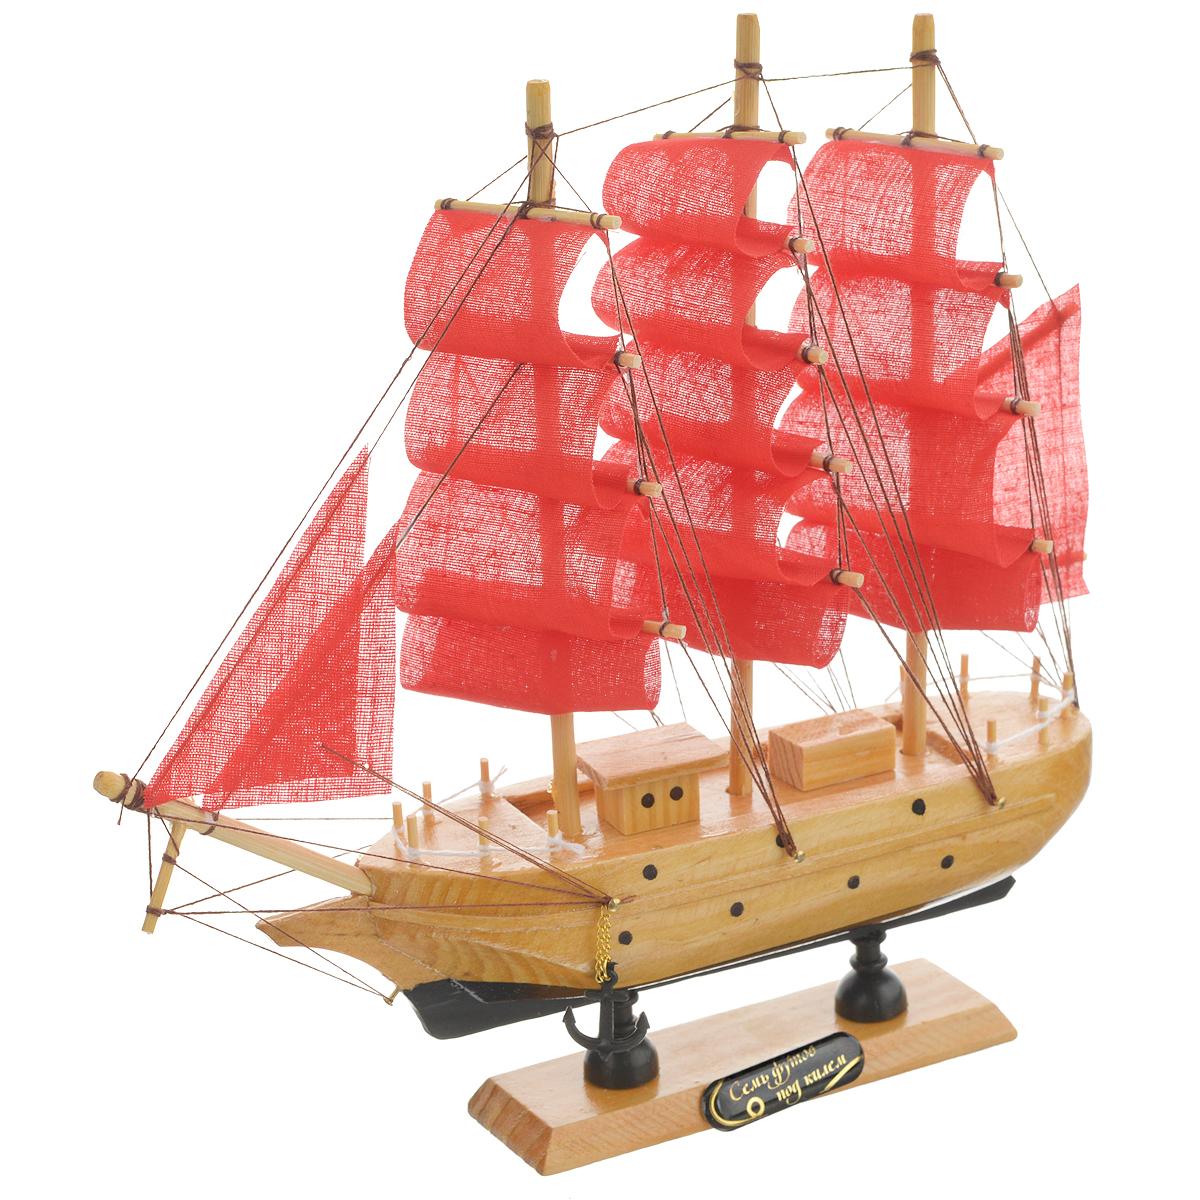 Корабль сувенирный Семь футов под килем, длина 23 см. 432007432007Сувенирный корабль Семь футов под килем, изготовленный из дерева и текстиля, это великолепный элемент декора рабочей зоны в офисе или кабинете. Корабль с парусами и якорями помещен на деревянную подставку. Время идет, и мы становимся свидетелями развития технического прогресса, новых учений и практик. Но одно не подвластно времени - это любовь человека к морю и кораблям. Сувенирный корабль наполнен историей и силой океанских вод. Данная модель кораблика станет отличным подарком для всех любителей морей, поклонников историй о покорении океанов и неизведанных земель. Модель корабля - подарок со смыслом. Издавна на Руси считалось, что корабли приносят удачу и везение. Поэтому их изображения, фигурки и точные копии всегда присутствовали в помещениях. Удивите себя и своих близких необычным презентом.